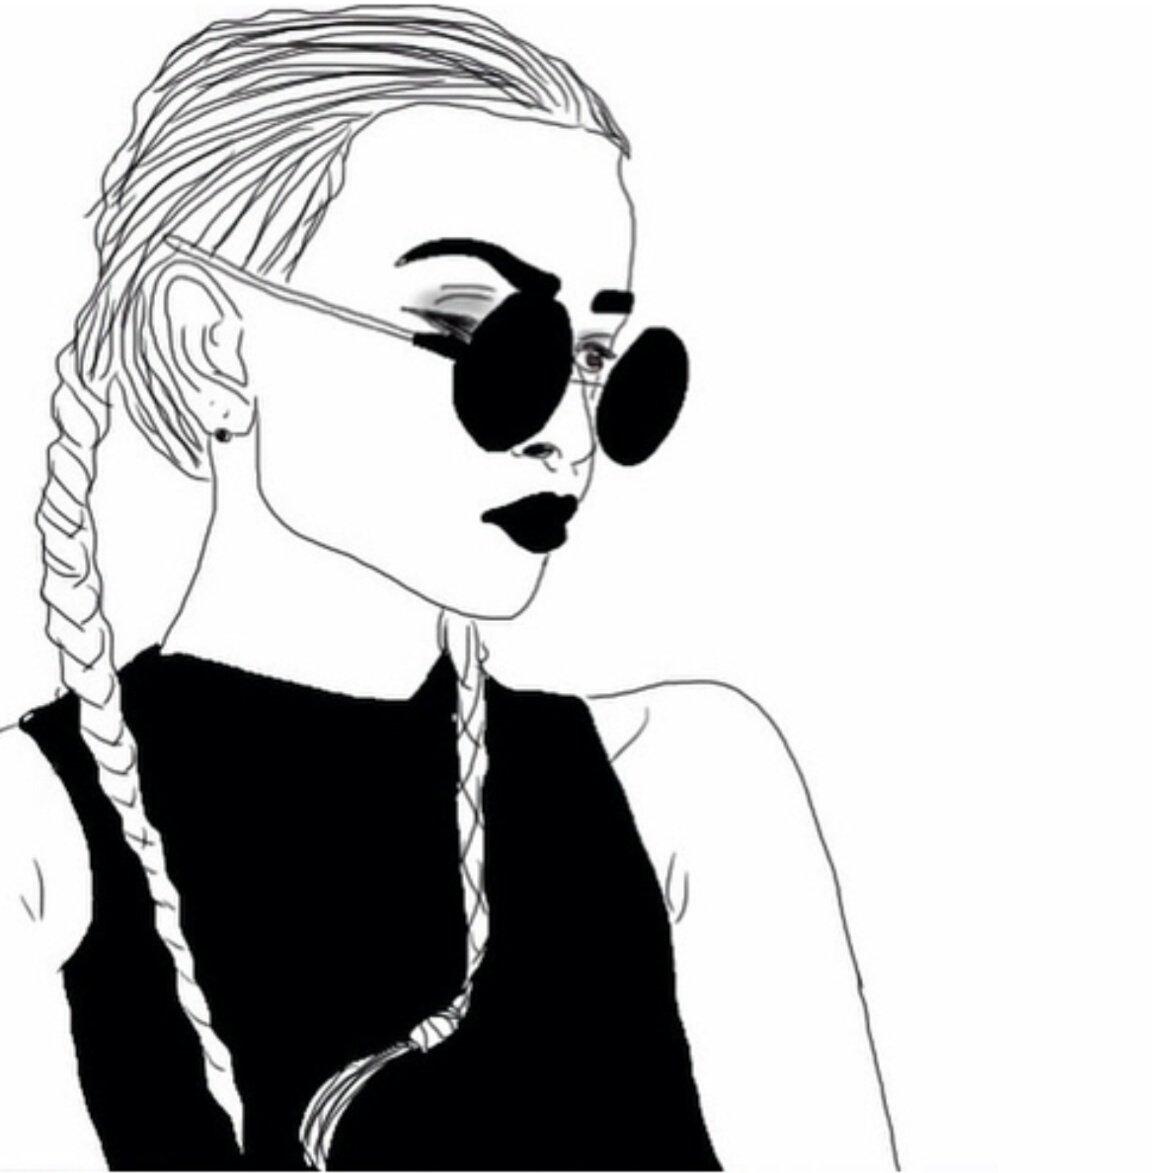 Черно-белые картинки для распечатки крутые для девочек, тверской